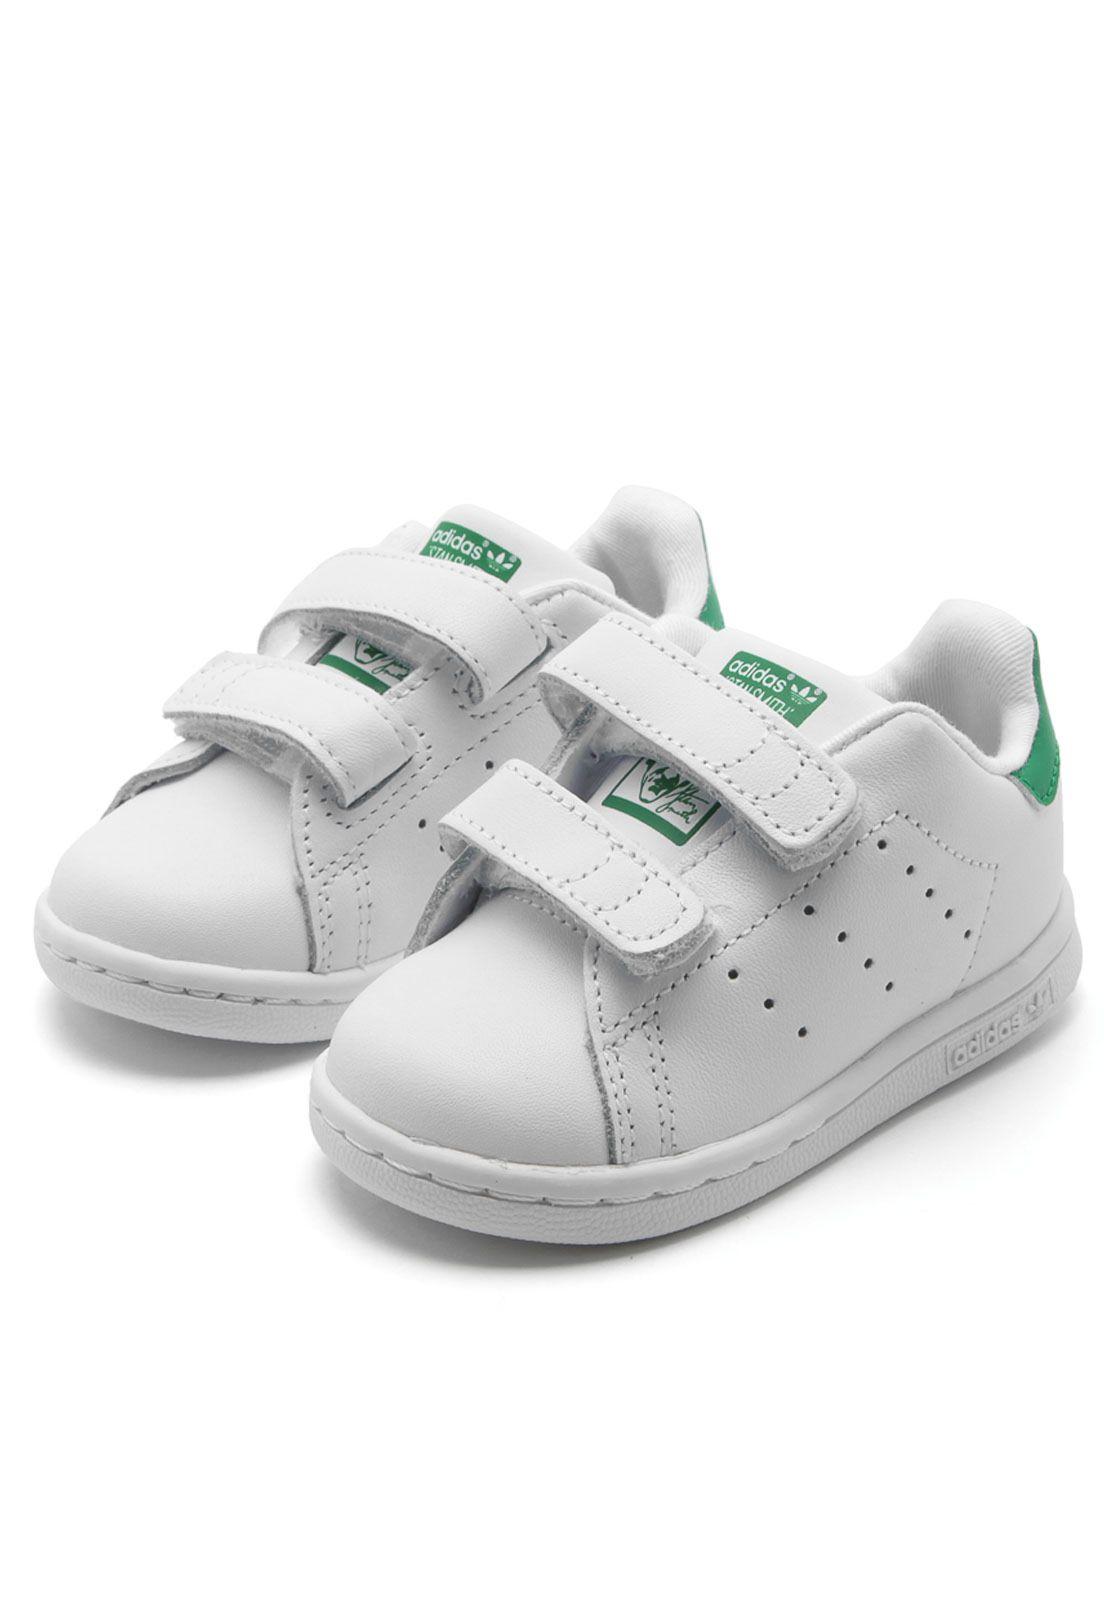 Tênis Couro adidas Originals Menino Stan Smith Branco